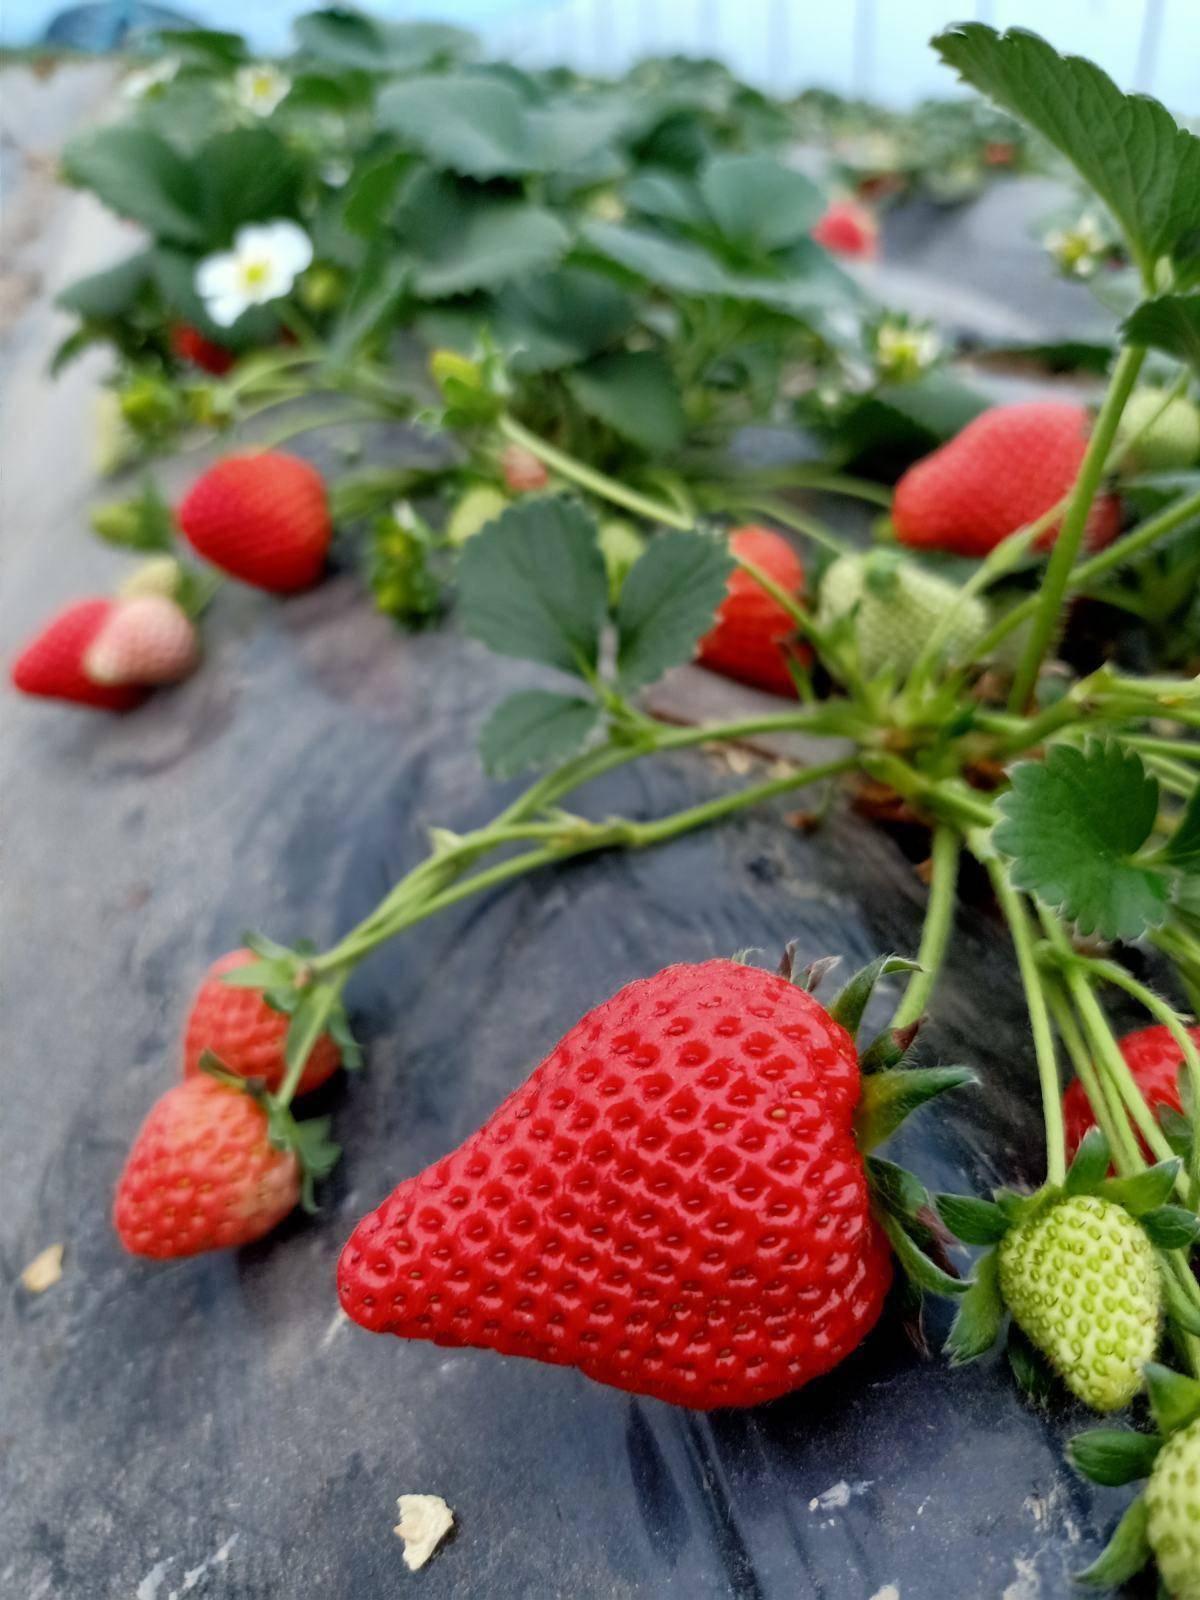 草莓养植技巧,从种子到结果,包你吃上酸甜可口的草莓